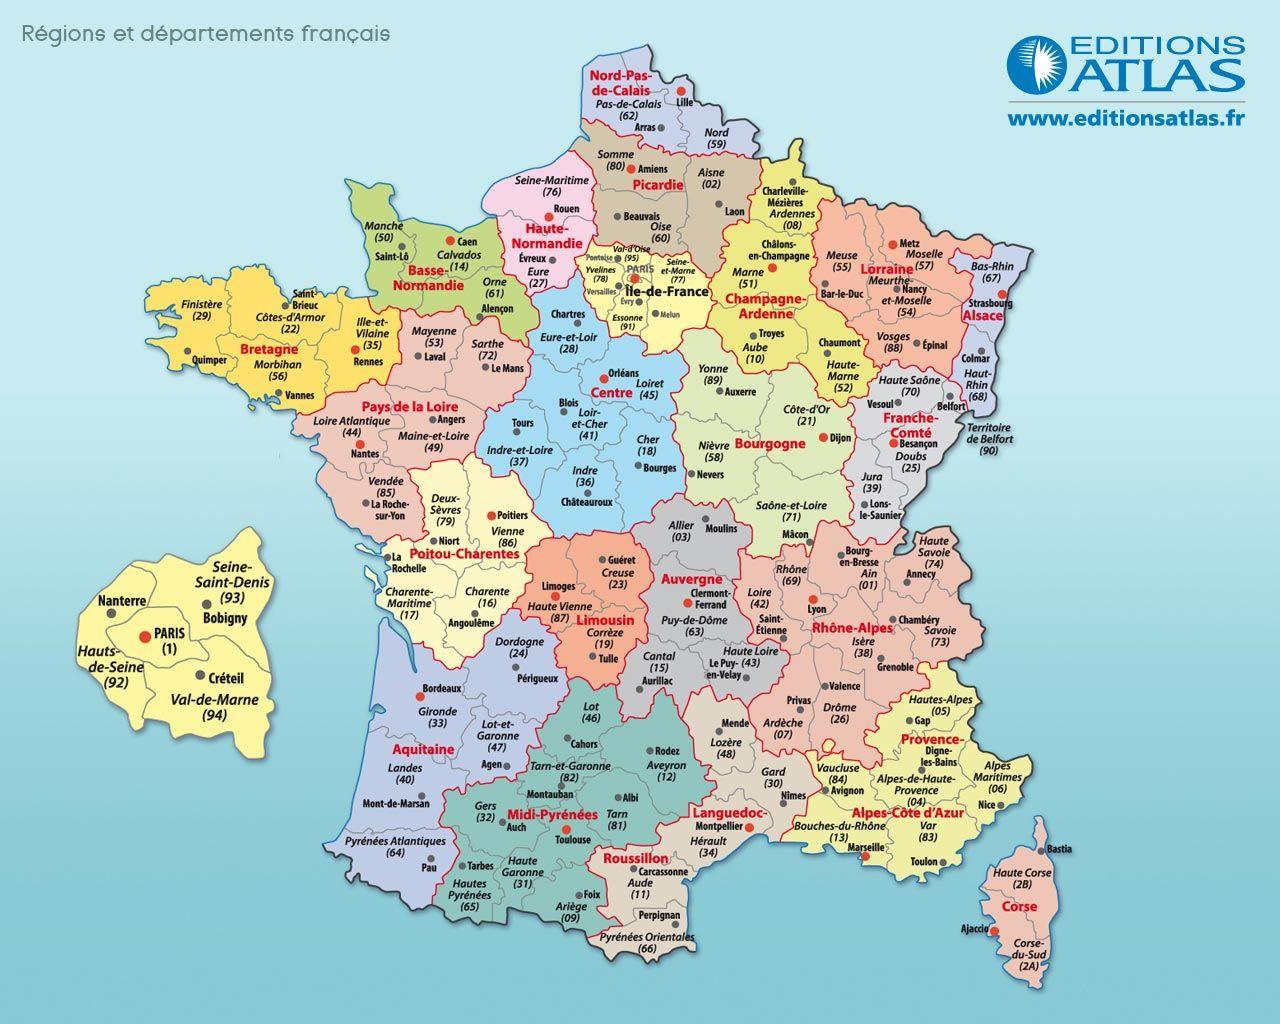 Carte De France : Régions Et Départements Français | Arts Et pour Carte Des Régions Et Départements De France À Imprimer